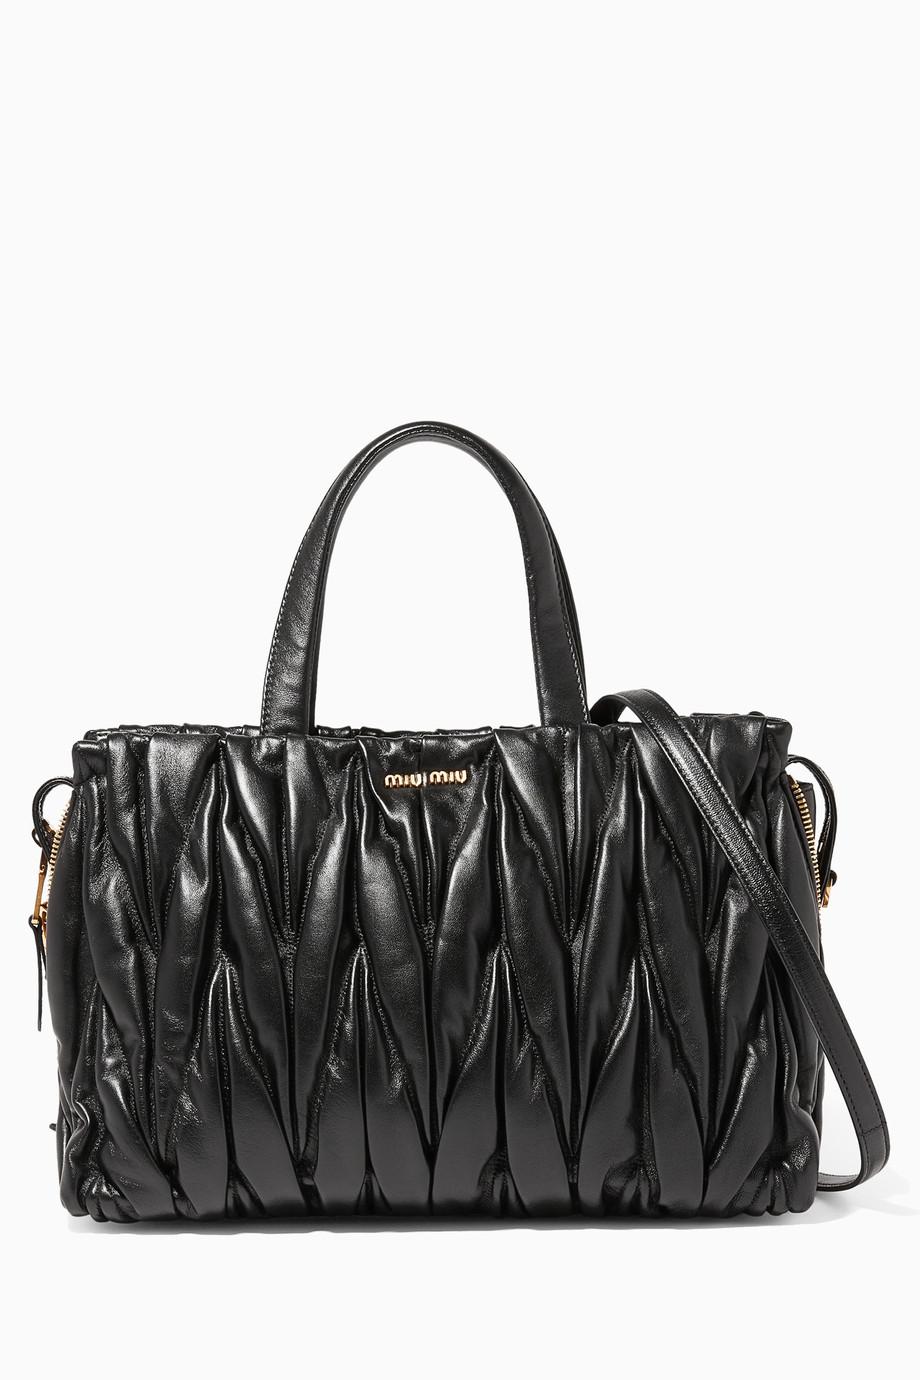 ea23da8cef8b Shop Miu Miu Black Black Matelassé Medium Tote Leather Shoulder Bag for  Women